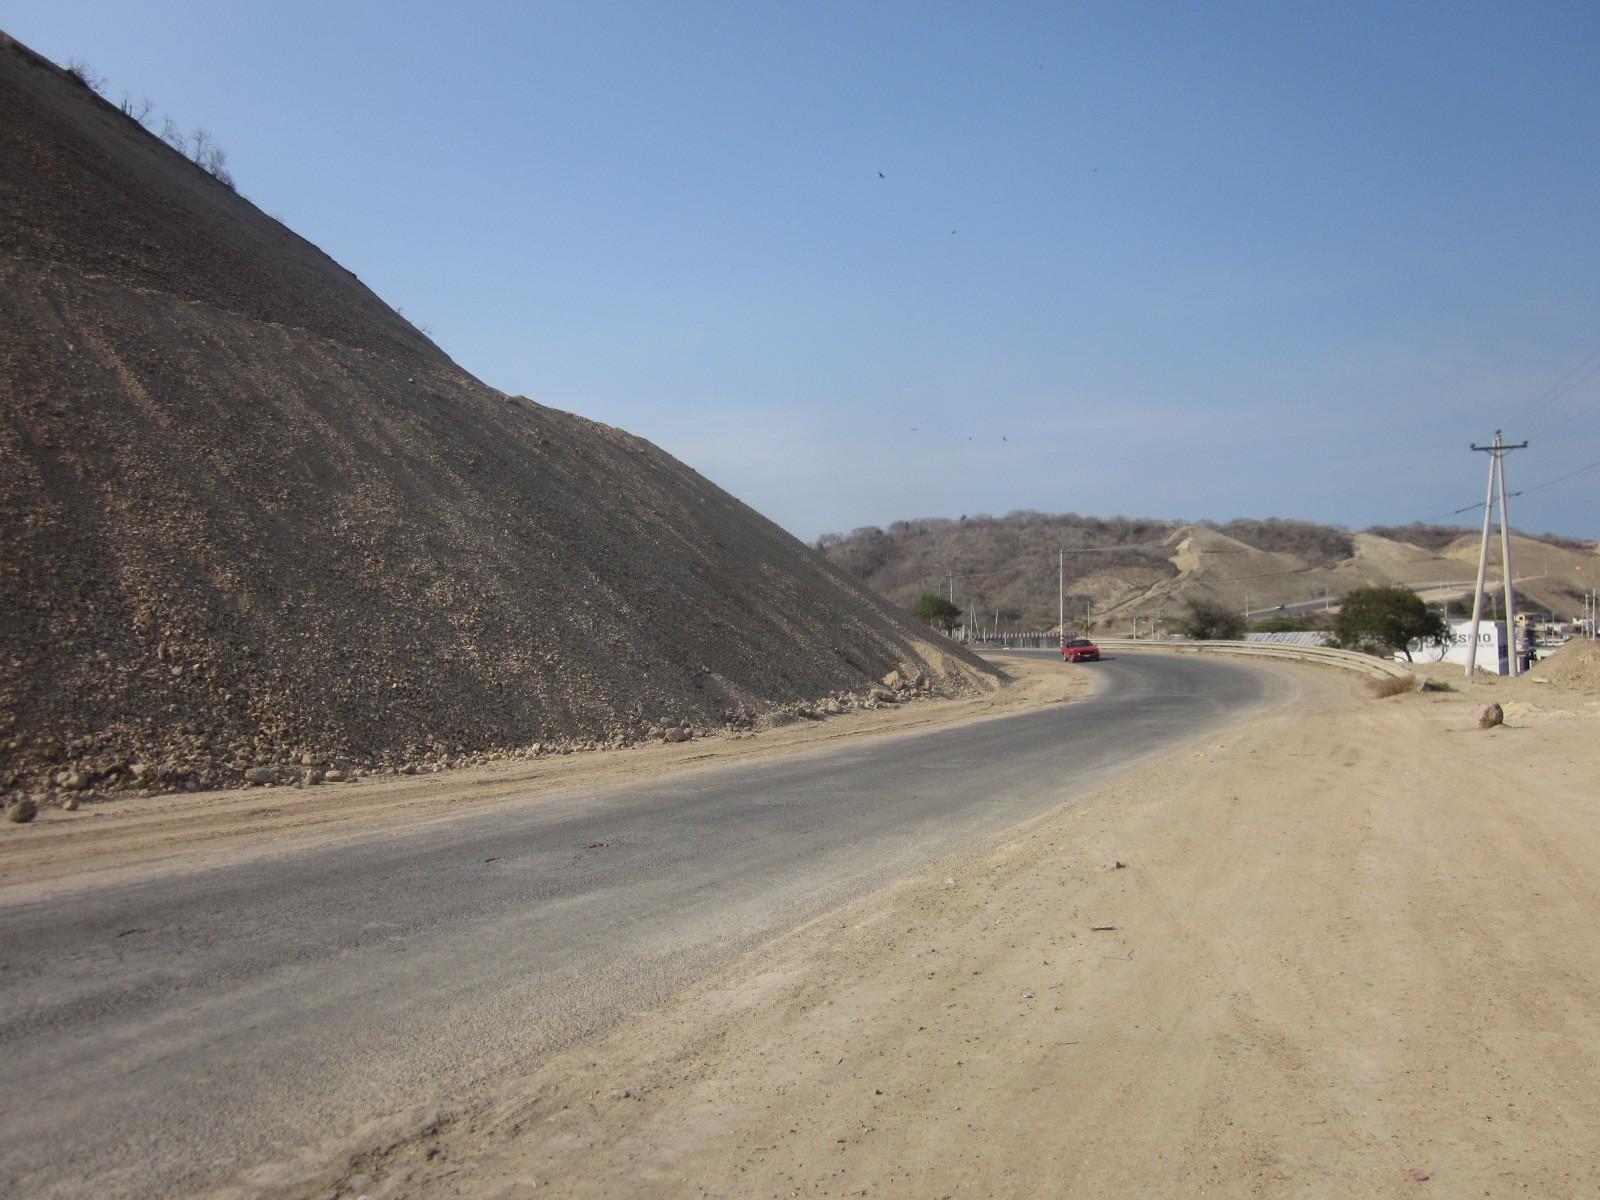 road along coast